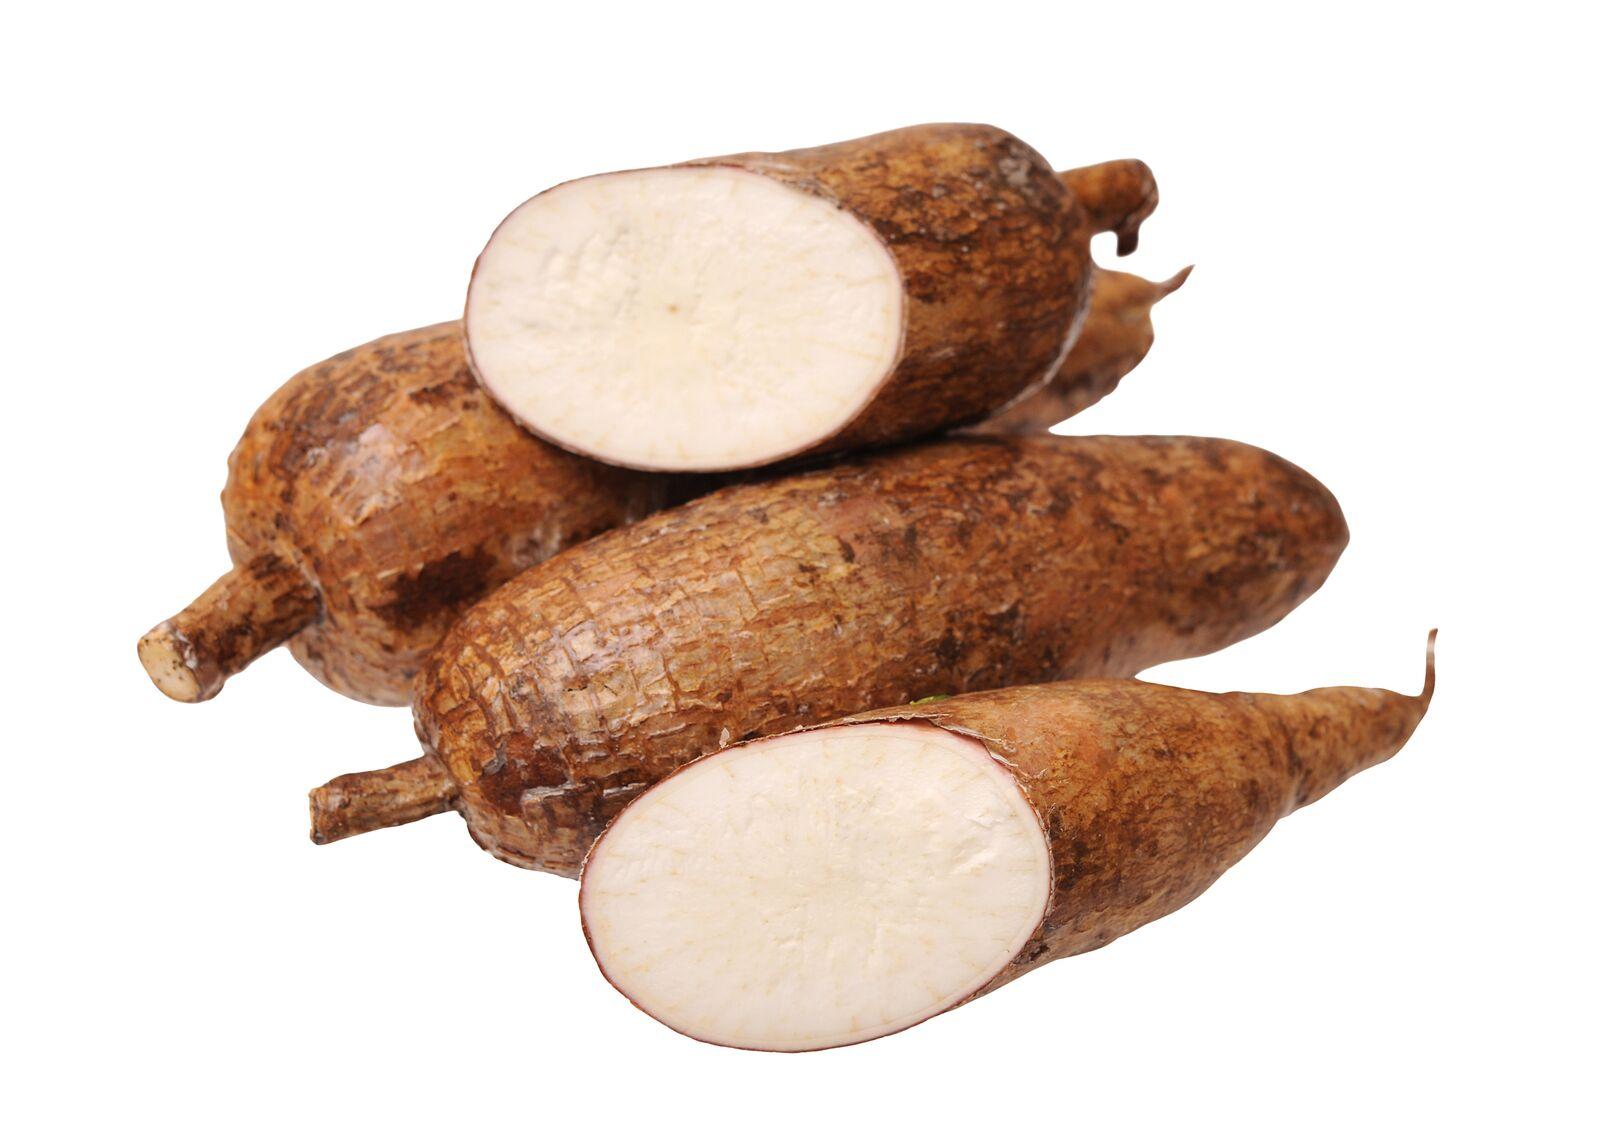 Yuca Root Image